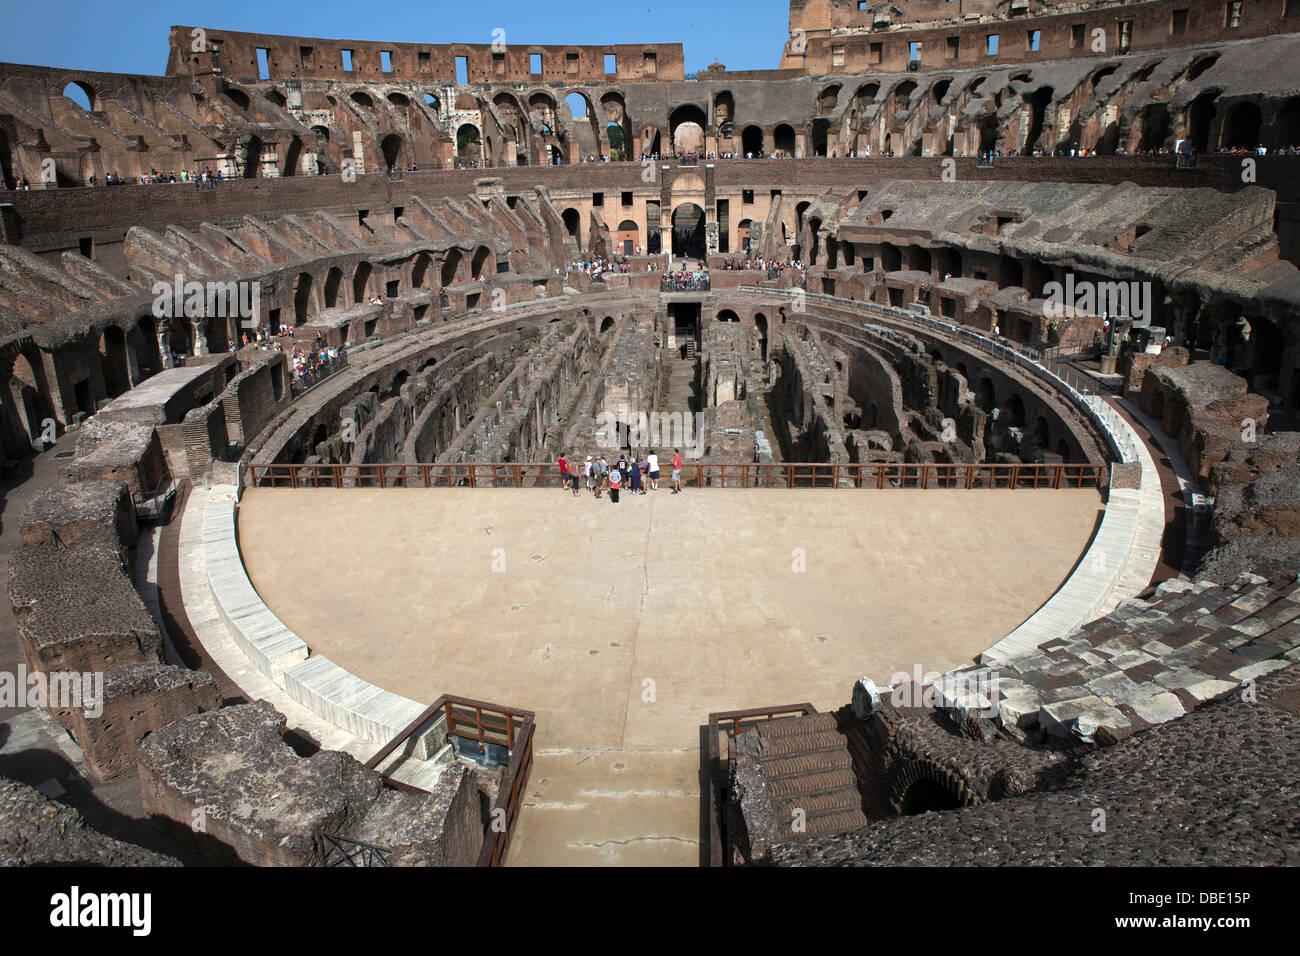 Innenansicht des Kolosseums, wo Sie den Raum durch die Arena und die unterirdischen Galerien schätzen können. Stockbild